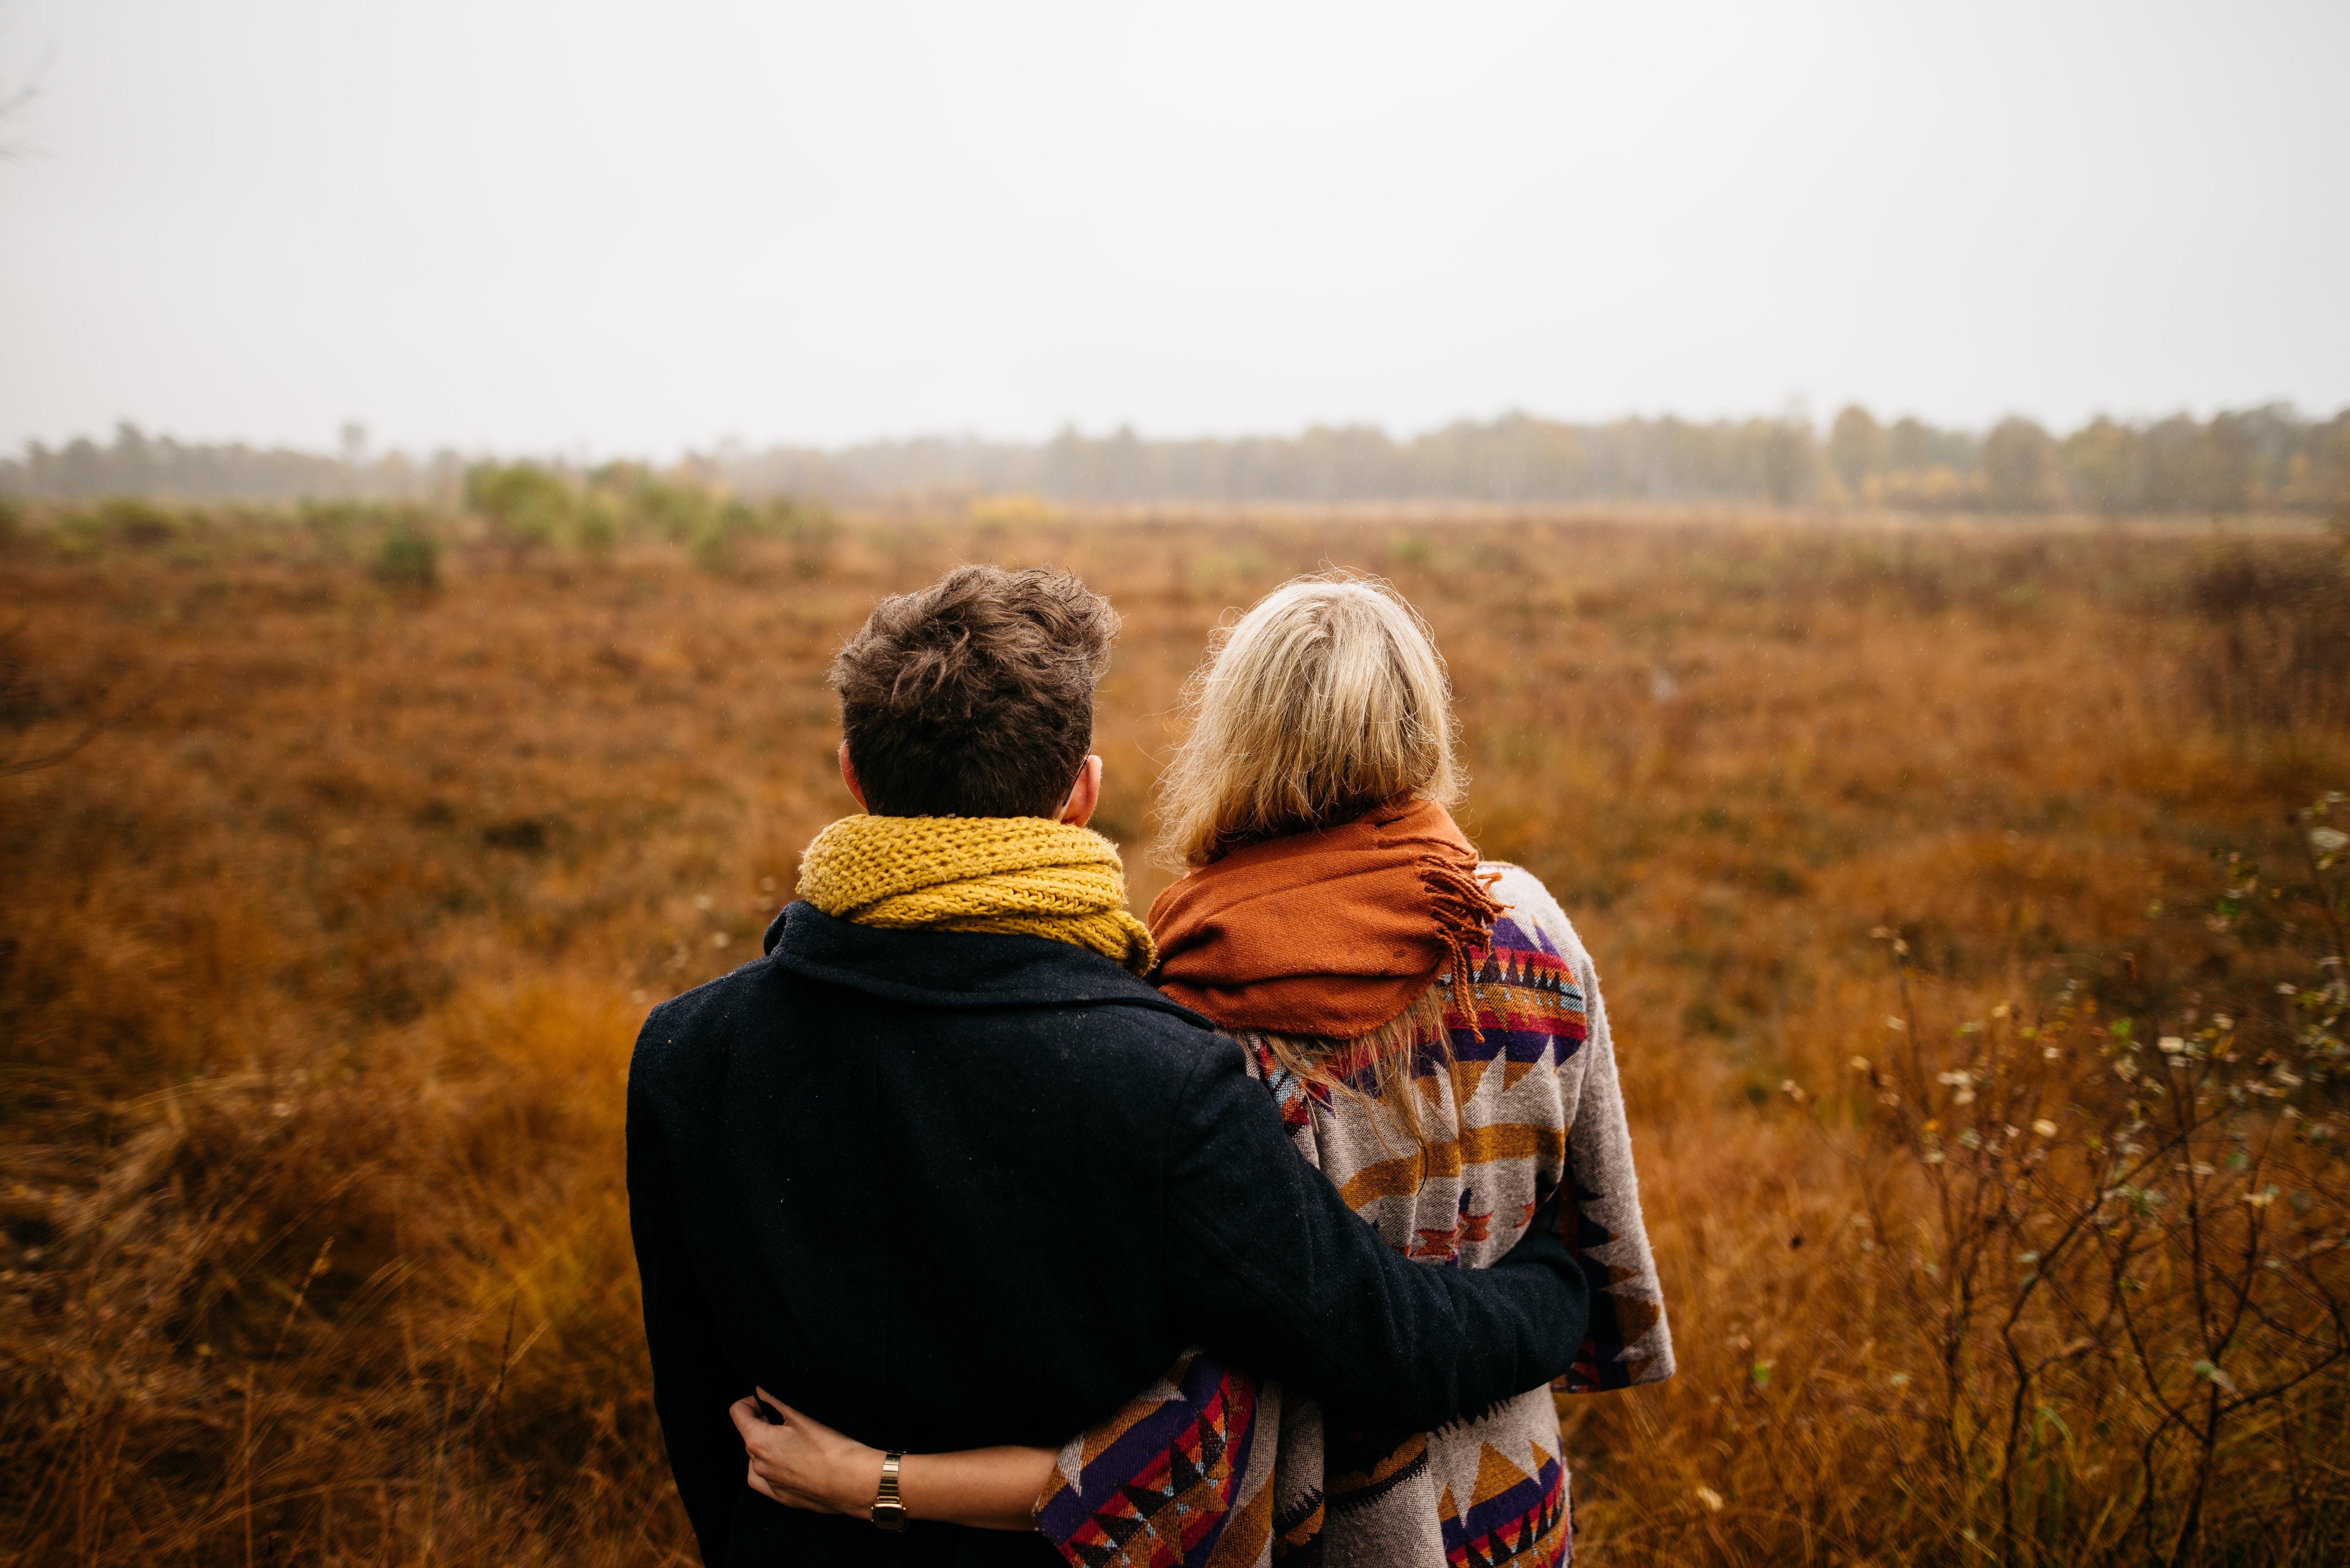 10 việc cần hiểu khi bạn yêu một người có gia đình không hạnh phúc - Ảnh 2.